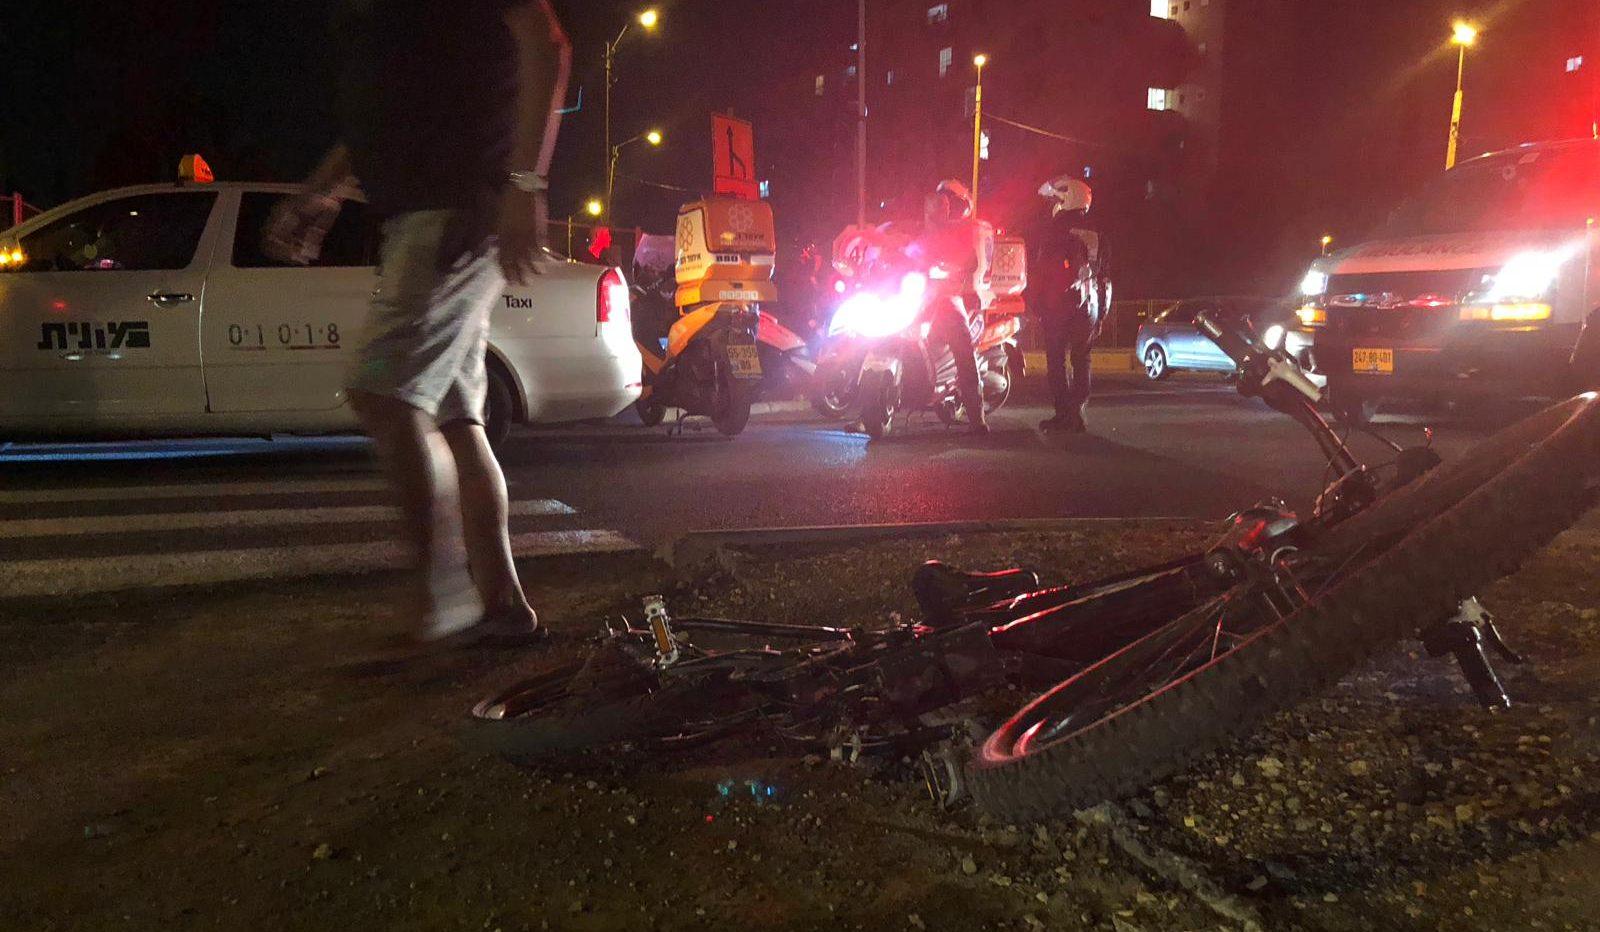 רוכב אופניים חשמליים נפגע מרכב בראשון לציון – מצבו קשה